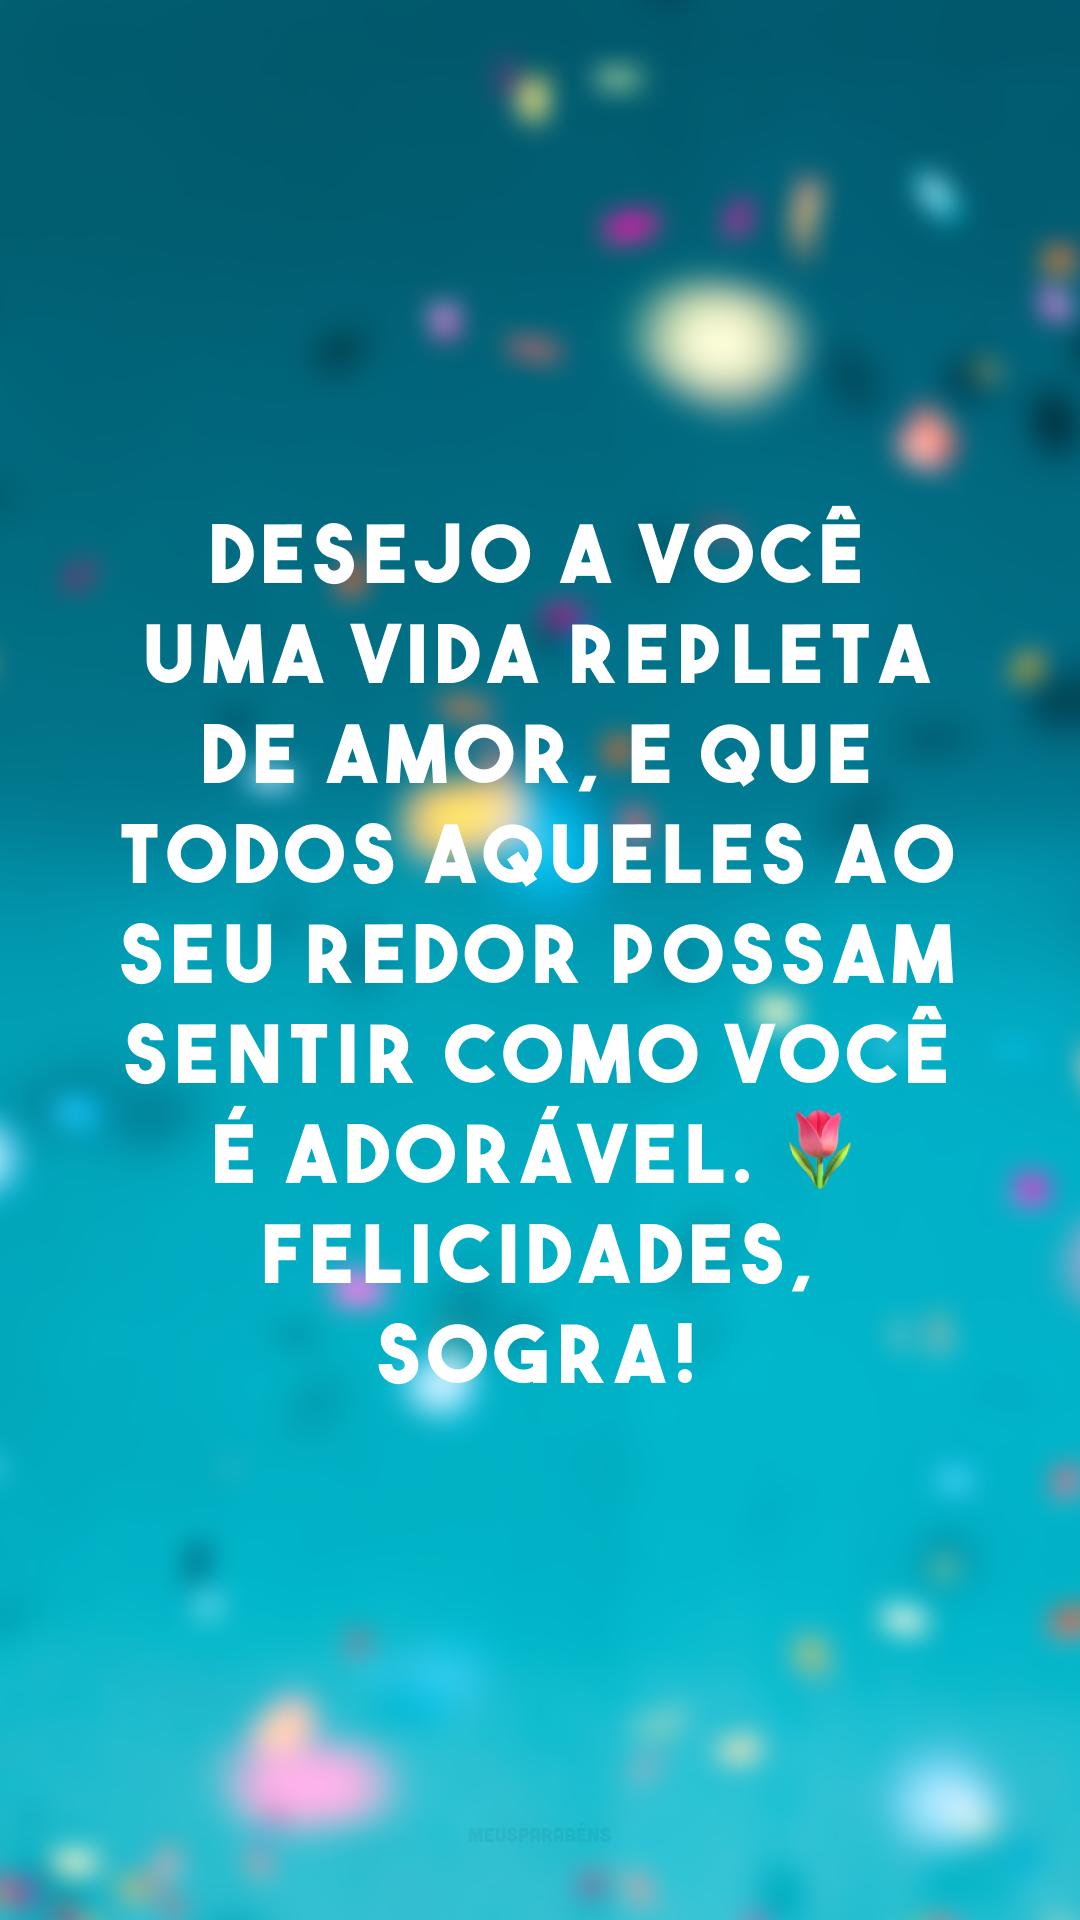 Desejo a você uma vida repleta de amor, e que todos aqueles ao seu redor possam sentir como você é adorável. 🌷 Felicidades, sogra!